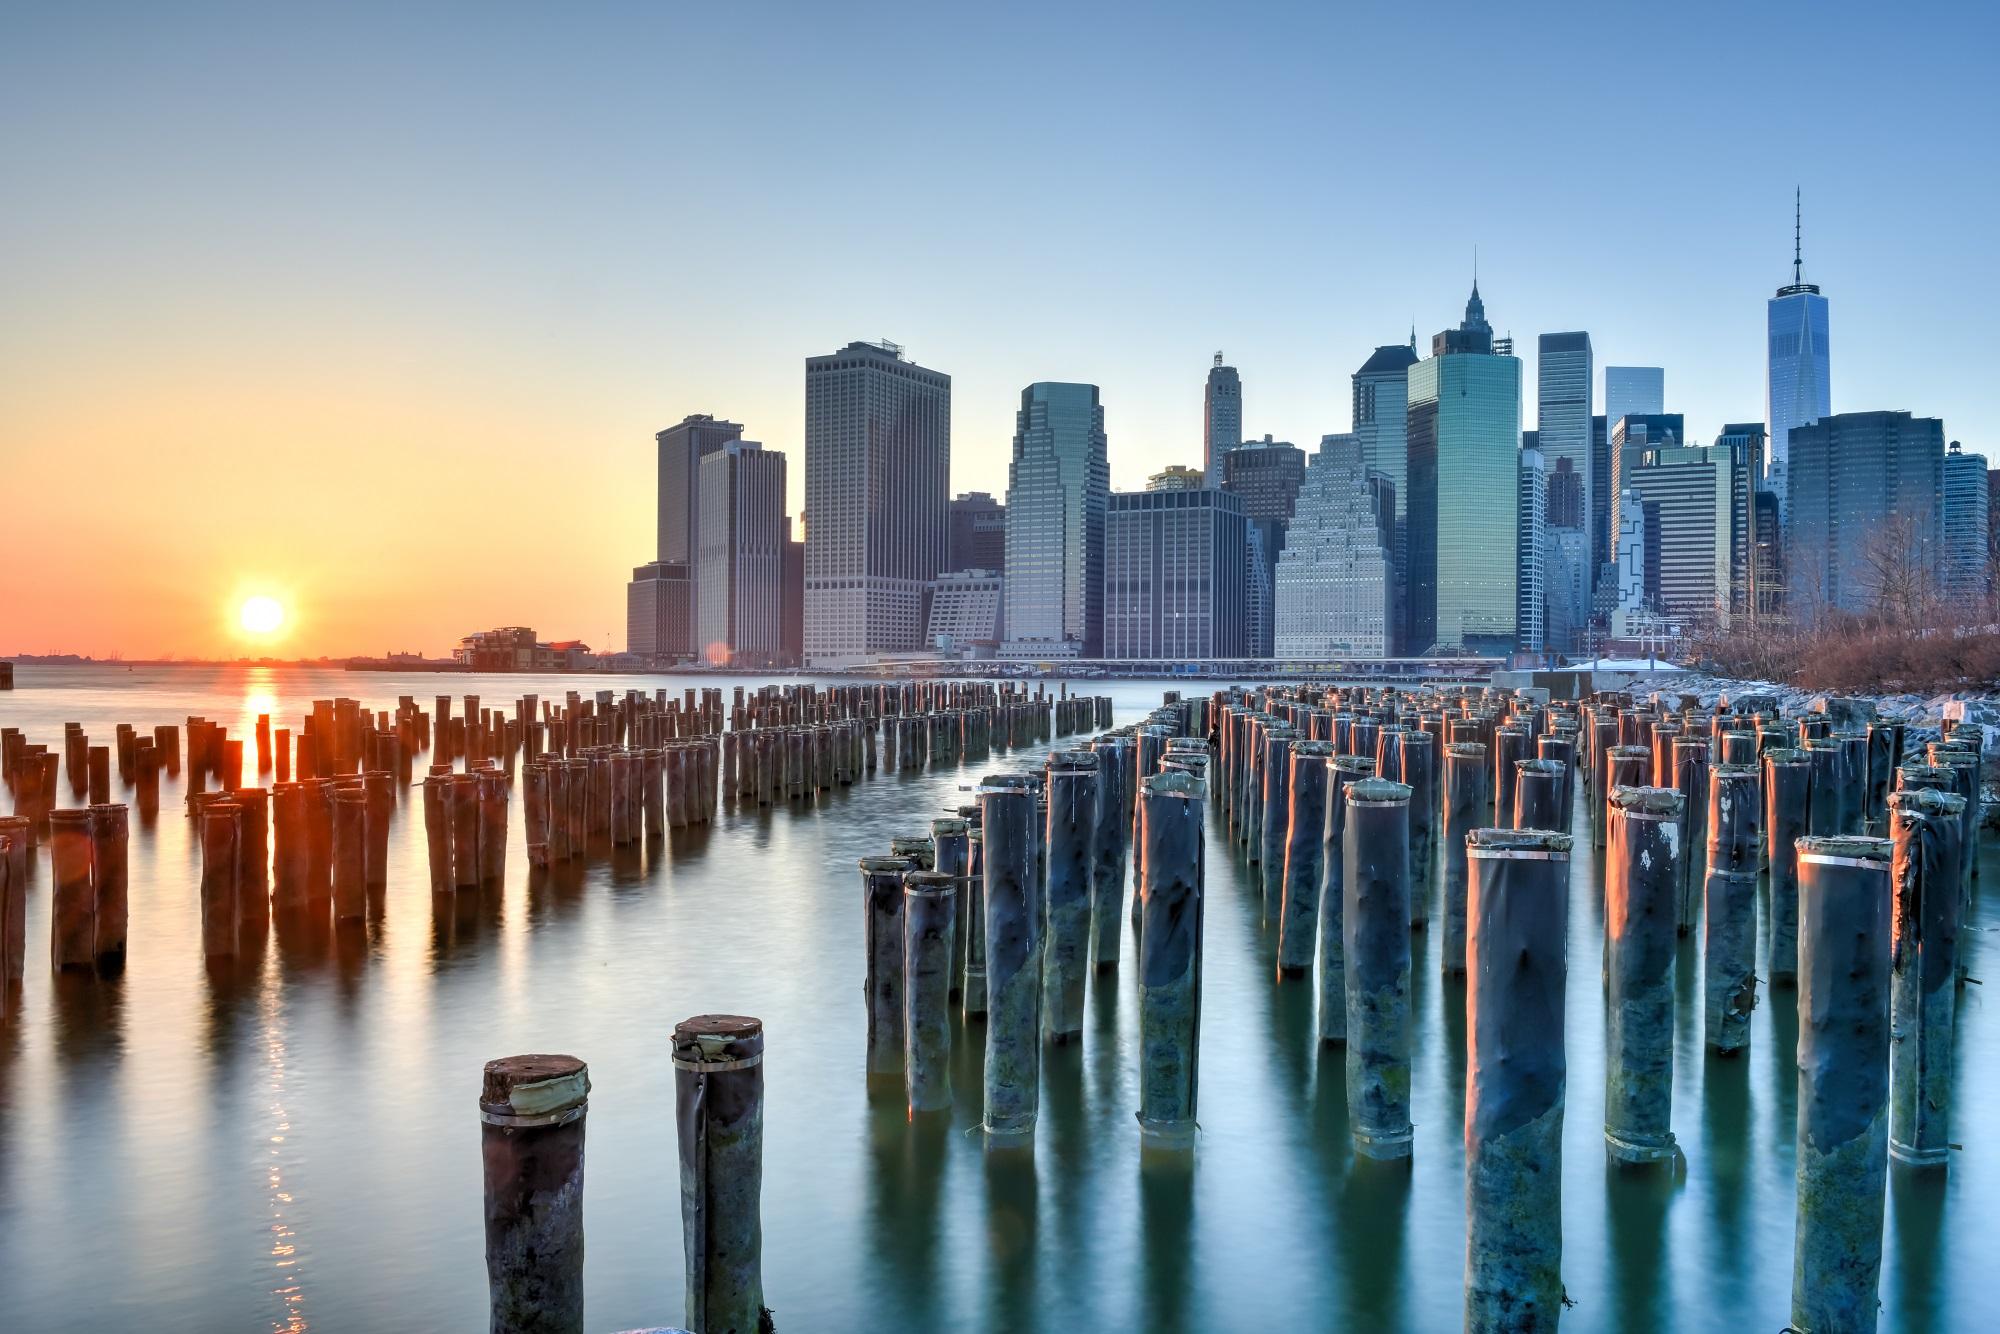 Acheter un logement en Amérique : à quoi faut-il faire attention ?